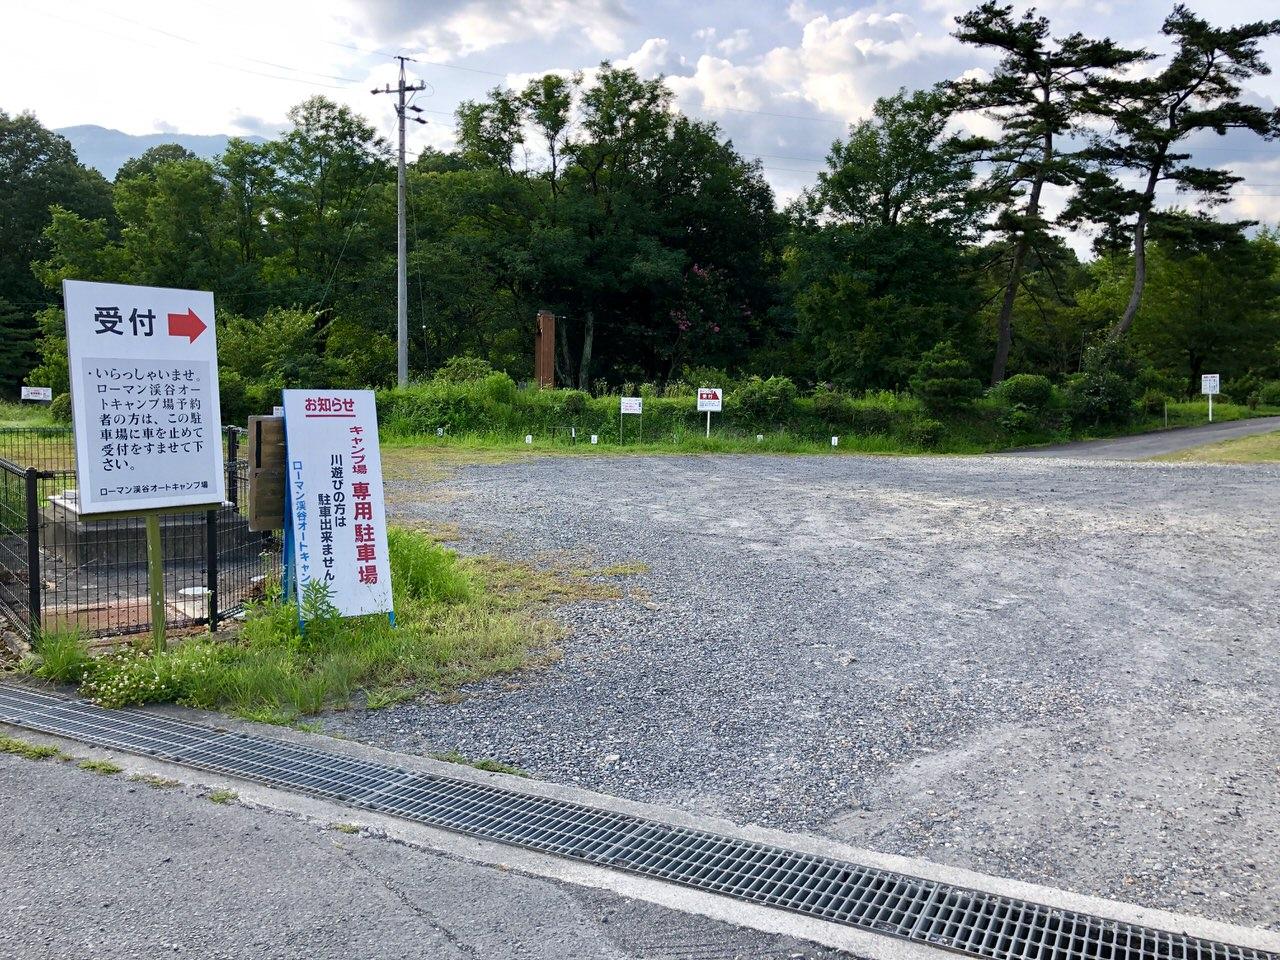 福岡ローマン渓谷オートキャンプ場の受付駐車場